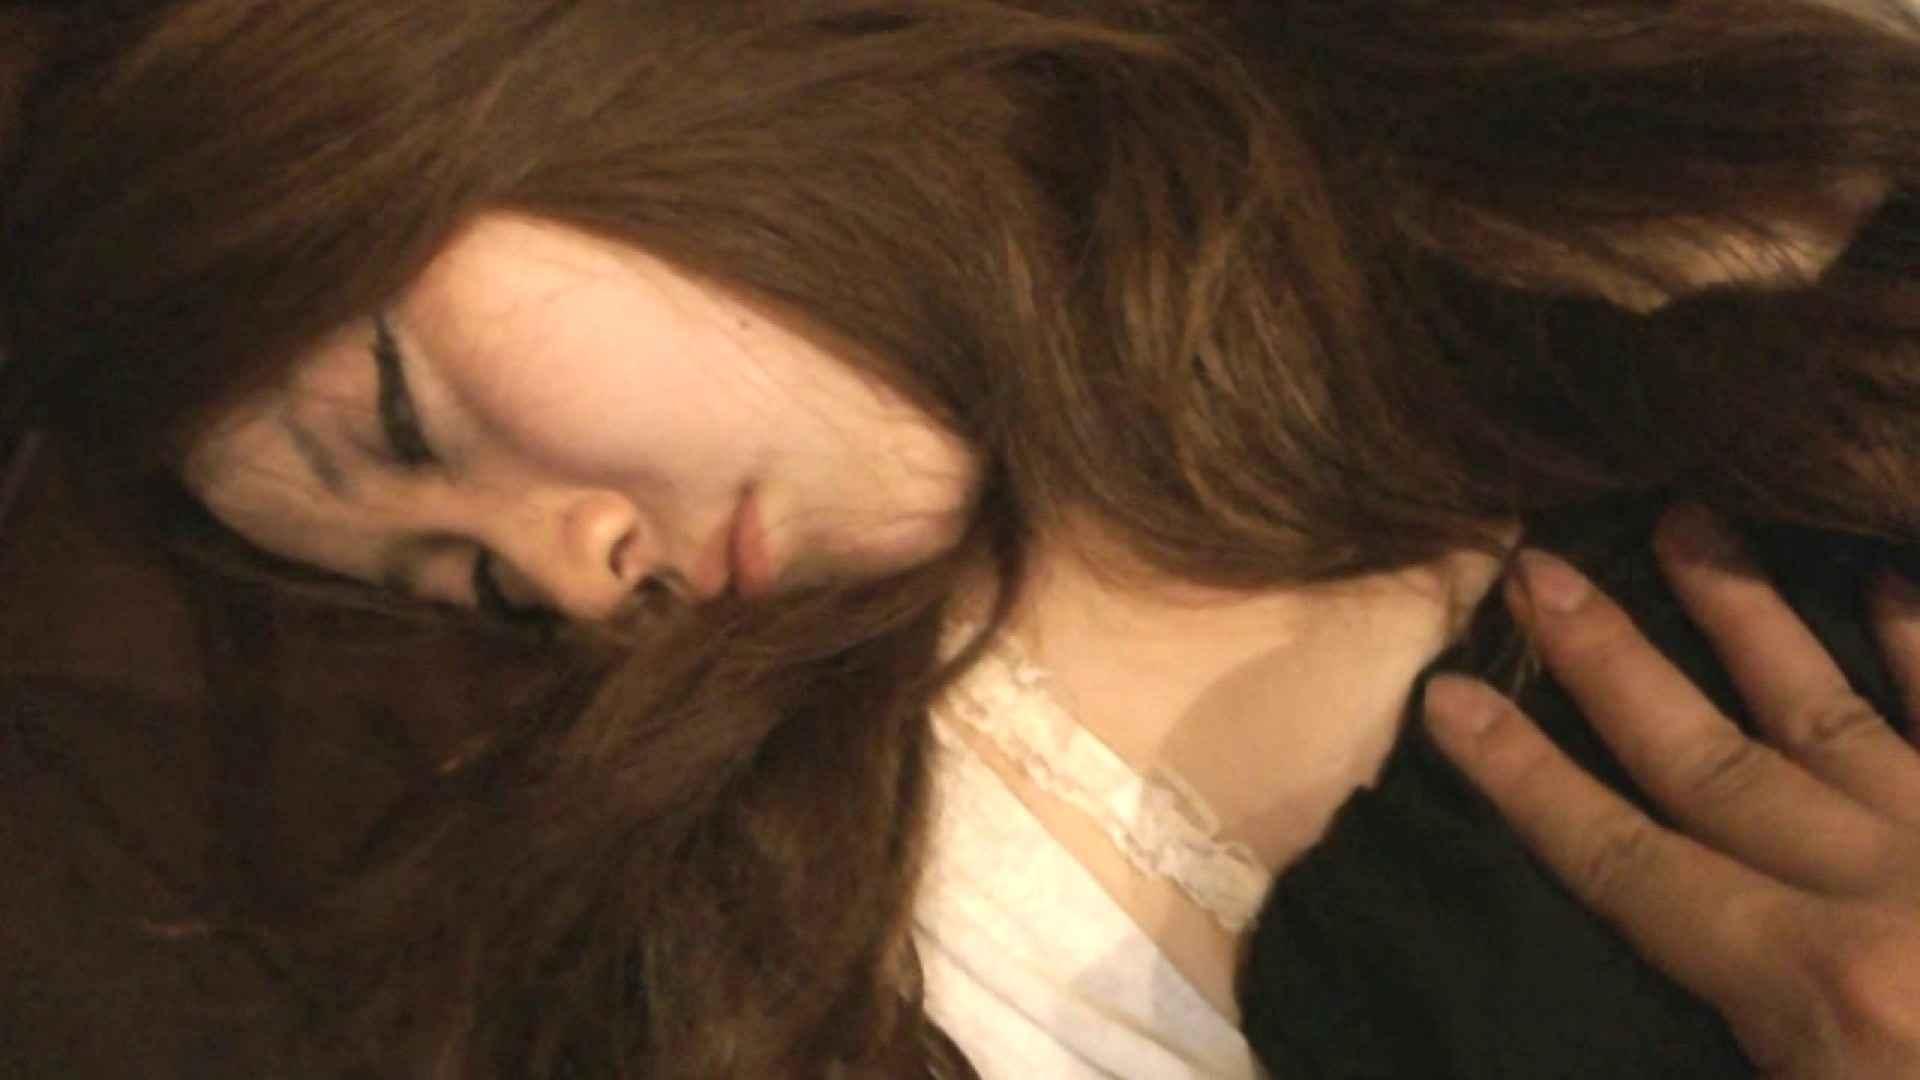 魔術師の お・も・て・な・し vol.10 19歳女子大生にカラオケでイタズラ ワルノリ ヌード画像 64画像 38